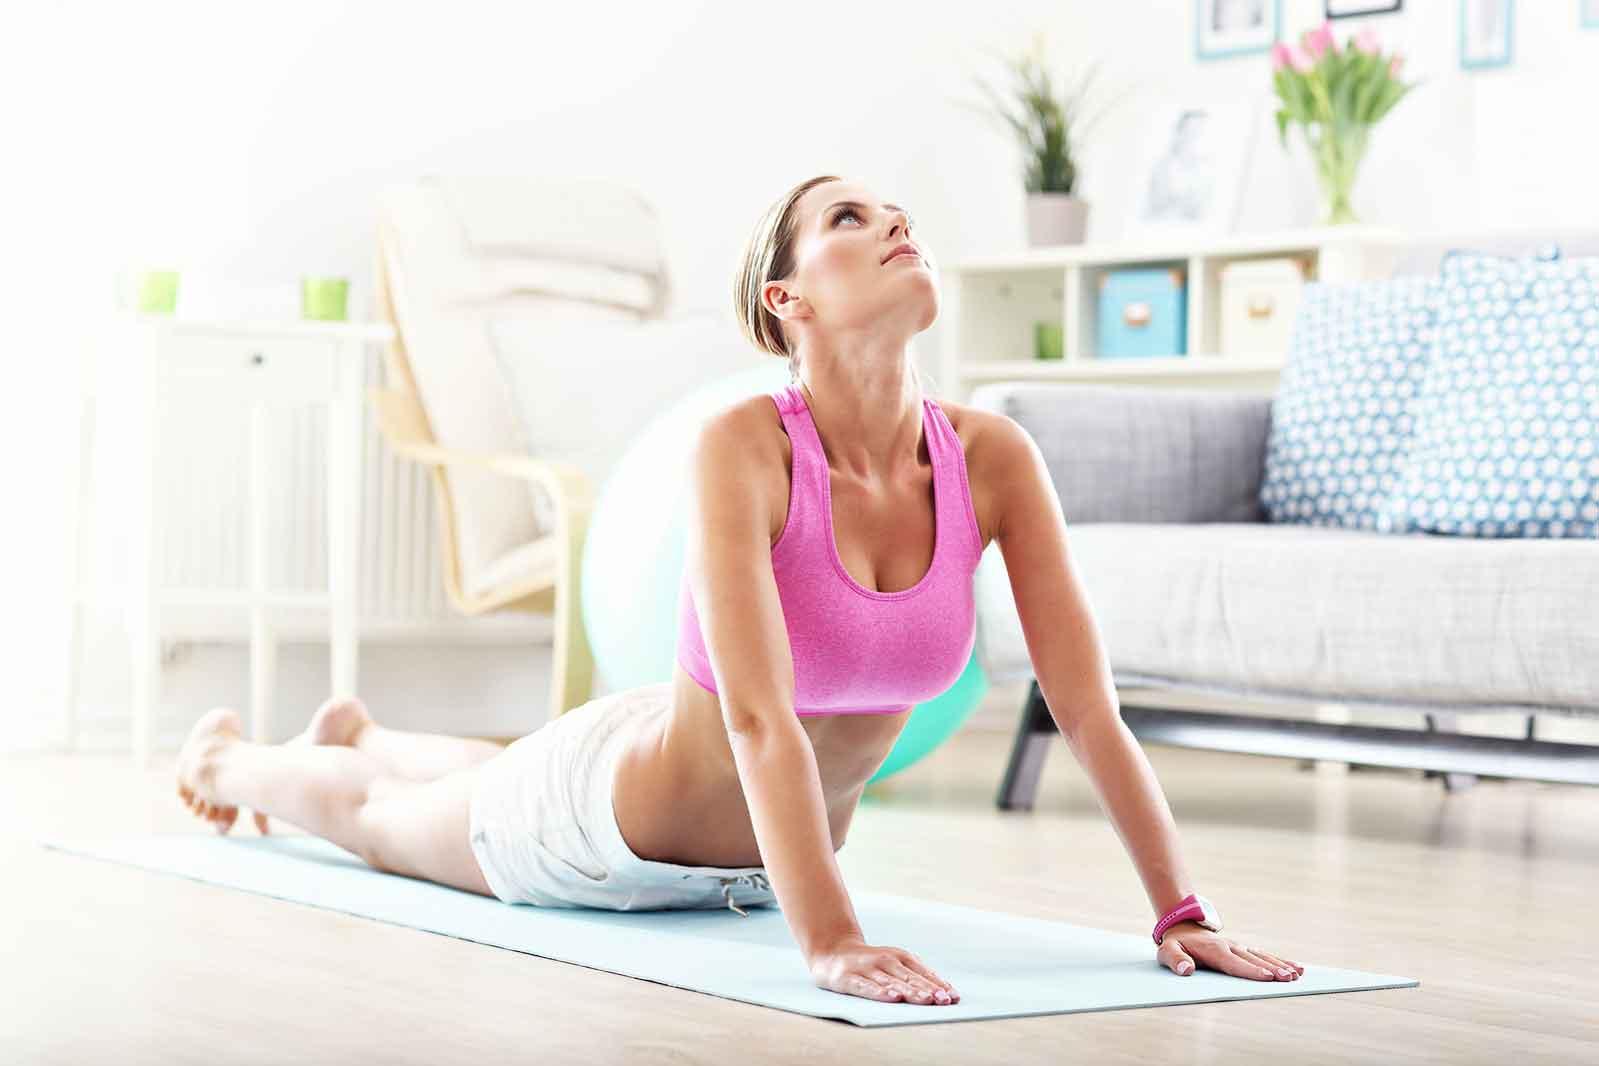 Фитнес дома: Топ-5 упражнений для начинающих